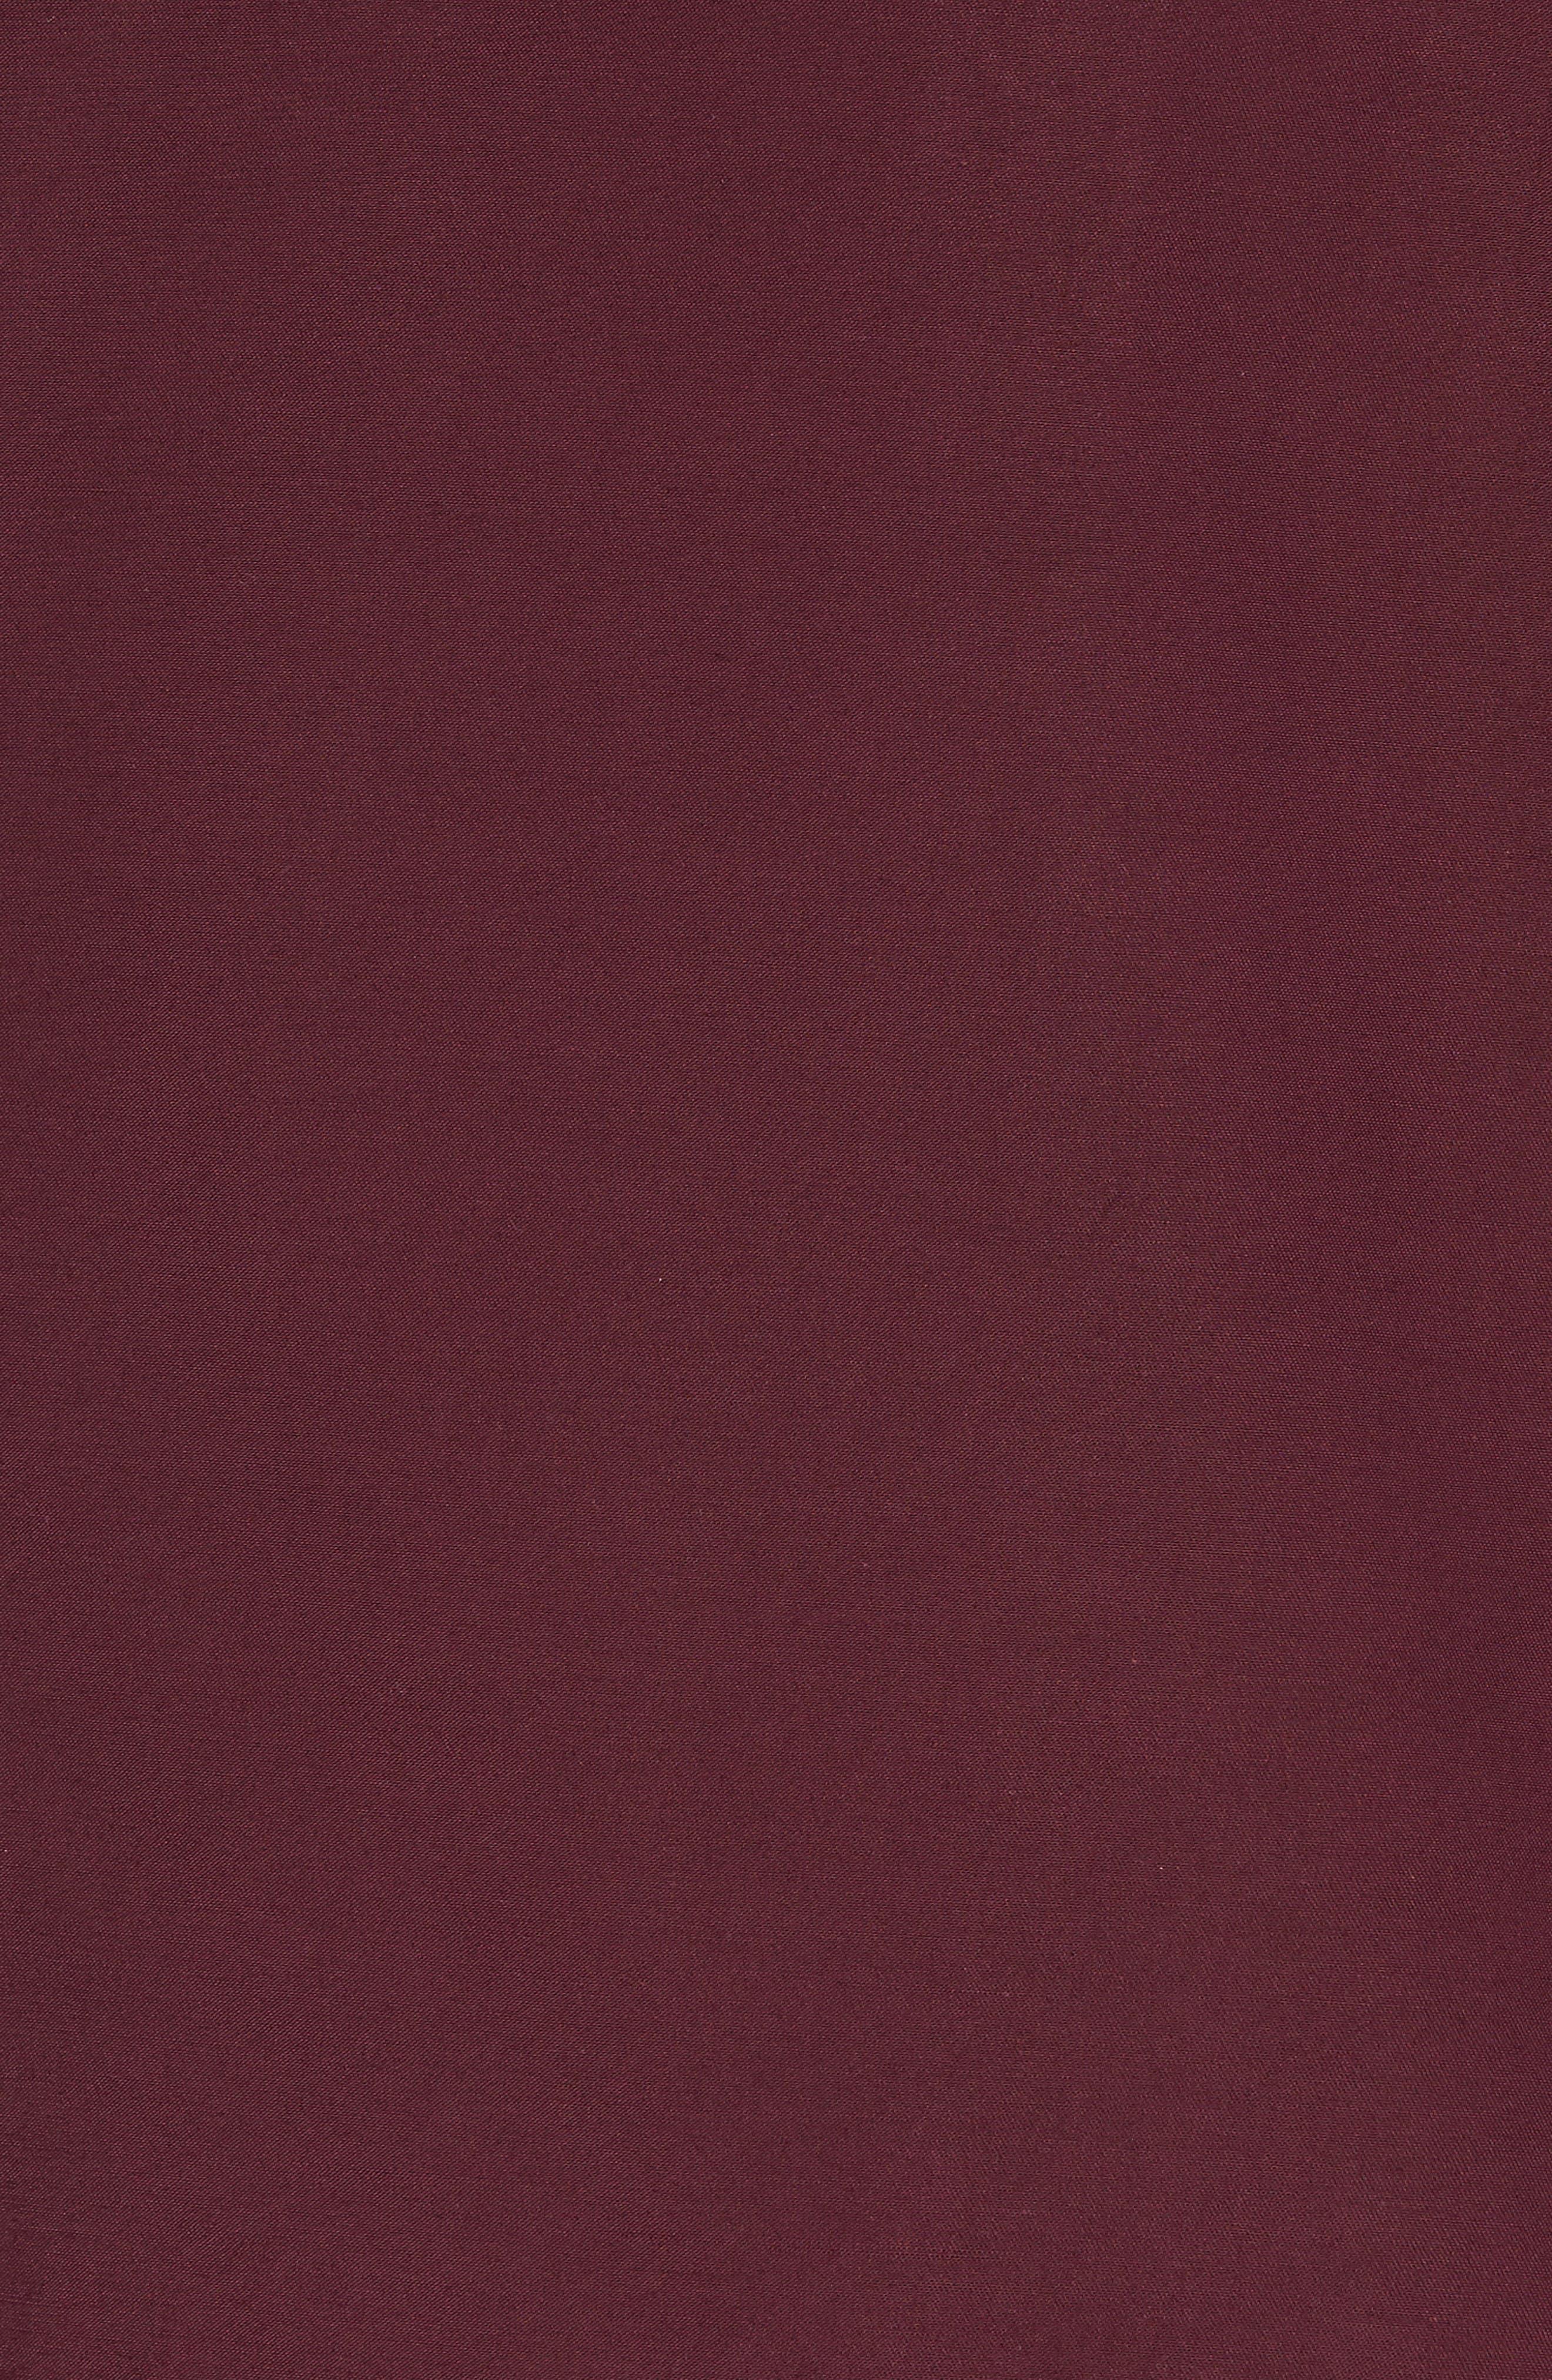 Collared Bomber Jacket,                             Alternate thumbnail 5, color,                             Burgundy Stem